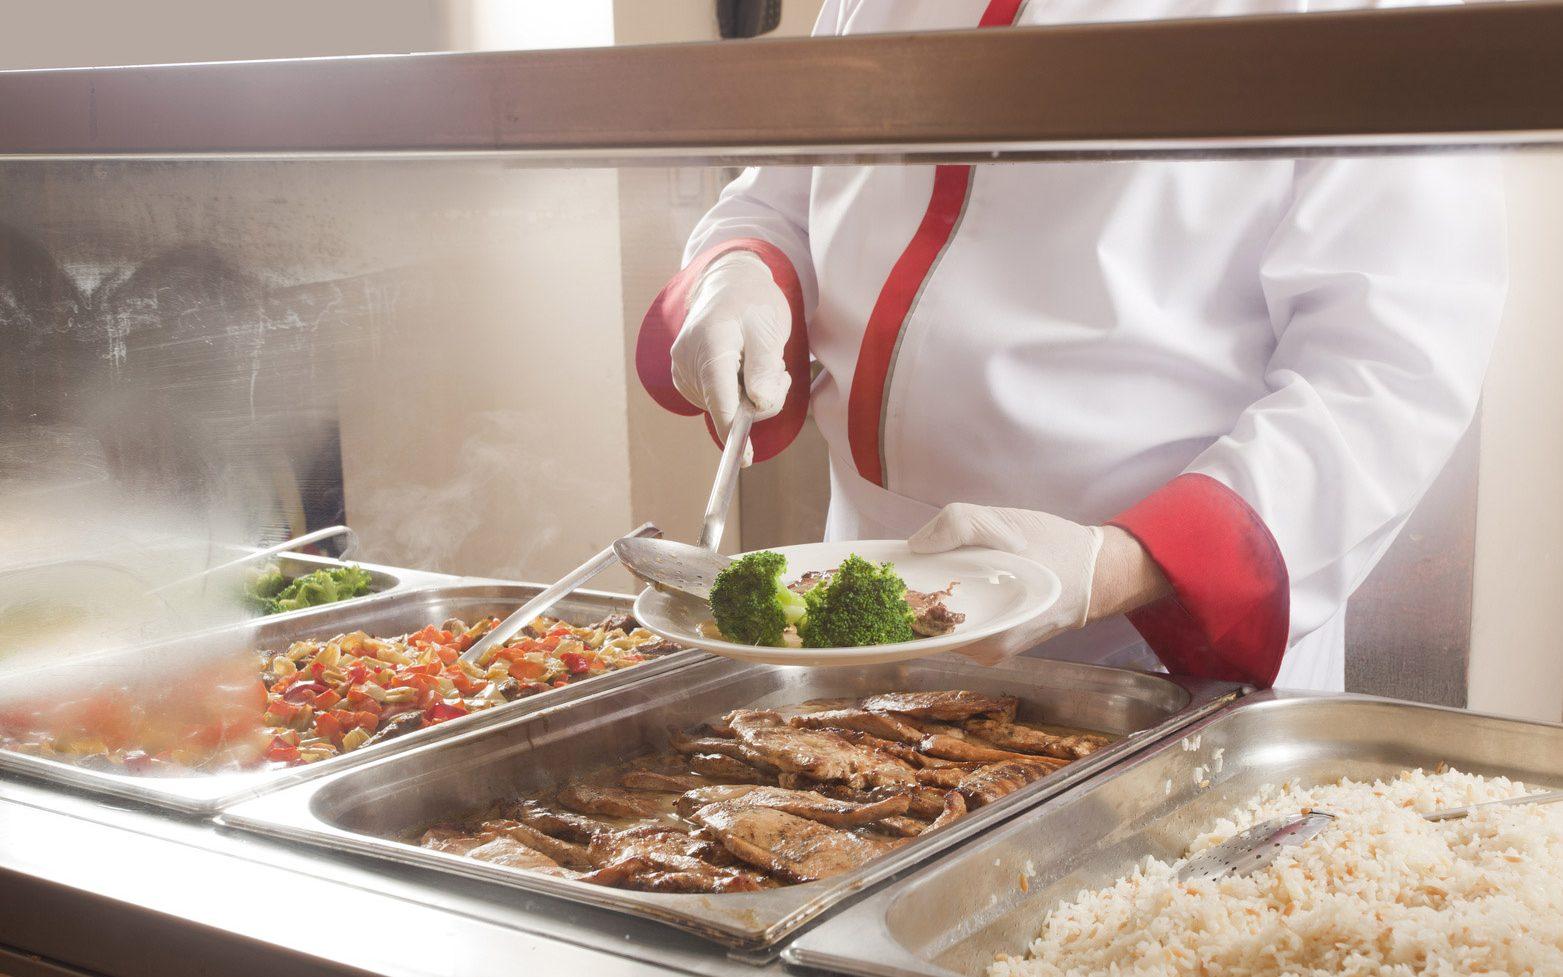 Inspecciones sanidad manipulacion alimentos